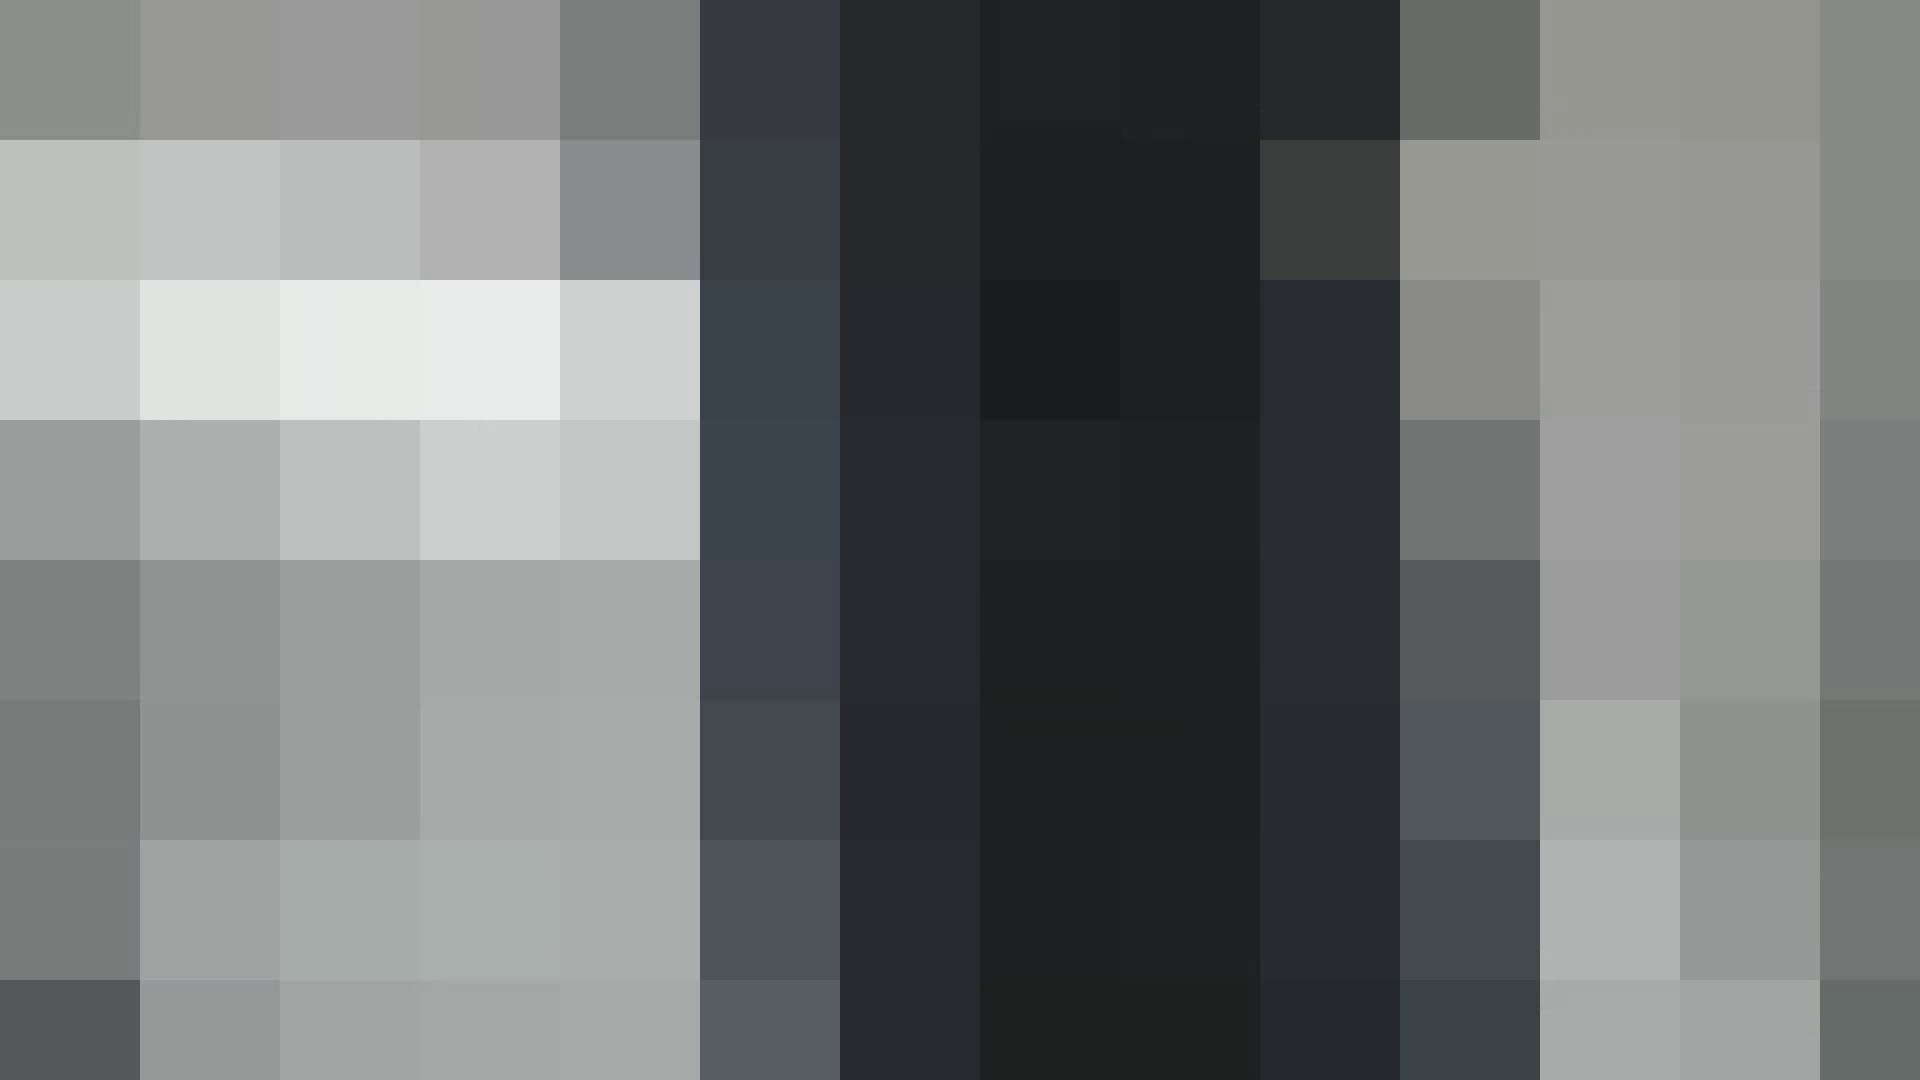 世界の射窓から vol.43 ソーニュー セックスする女性達  105画像 60